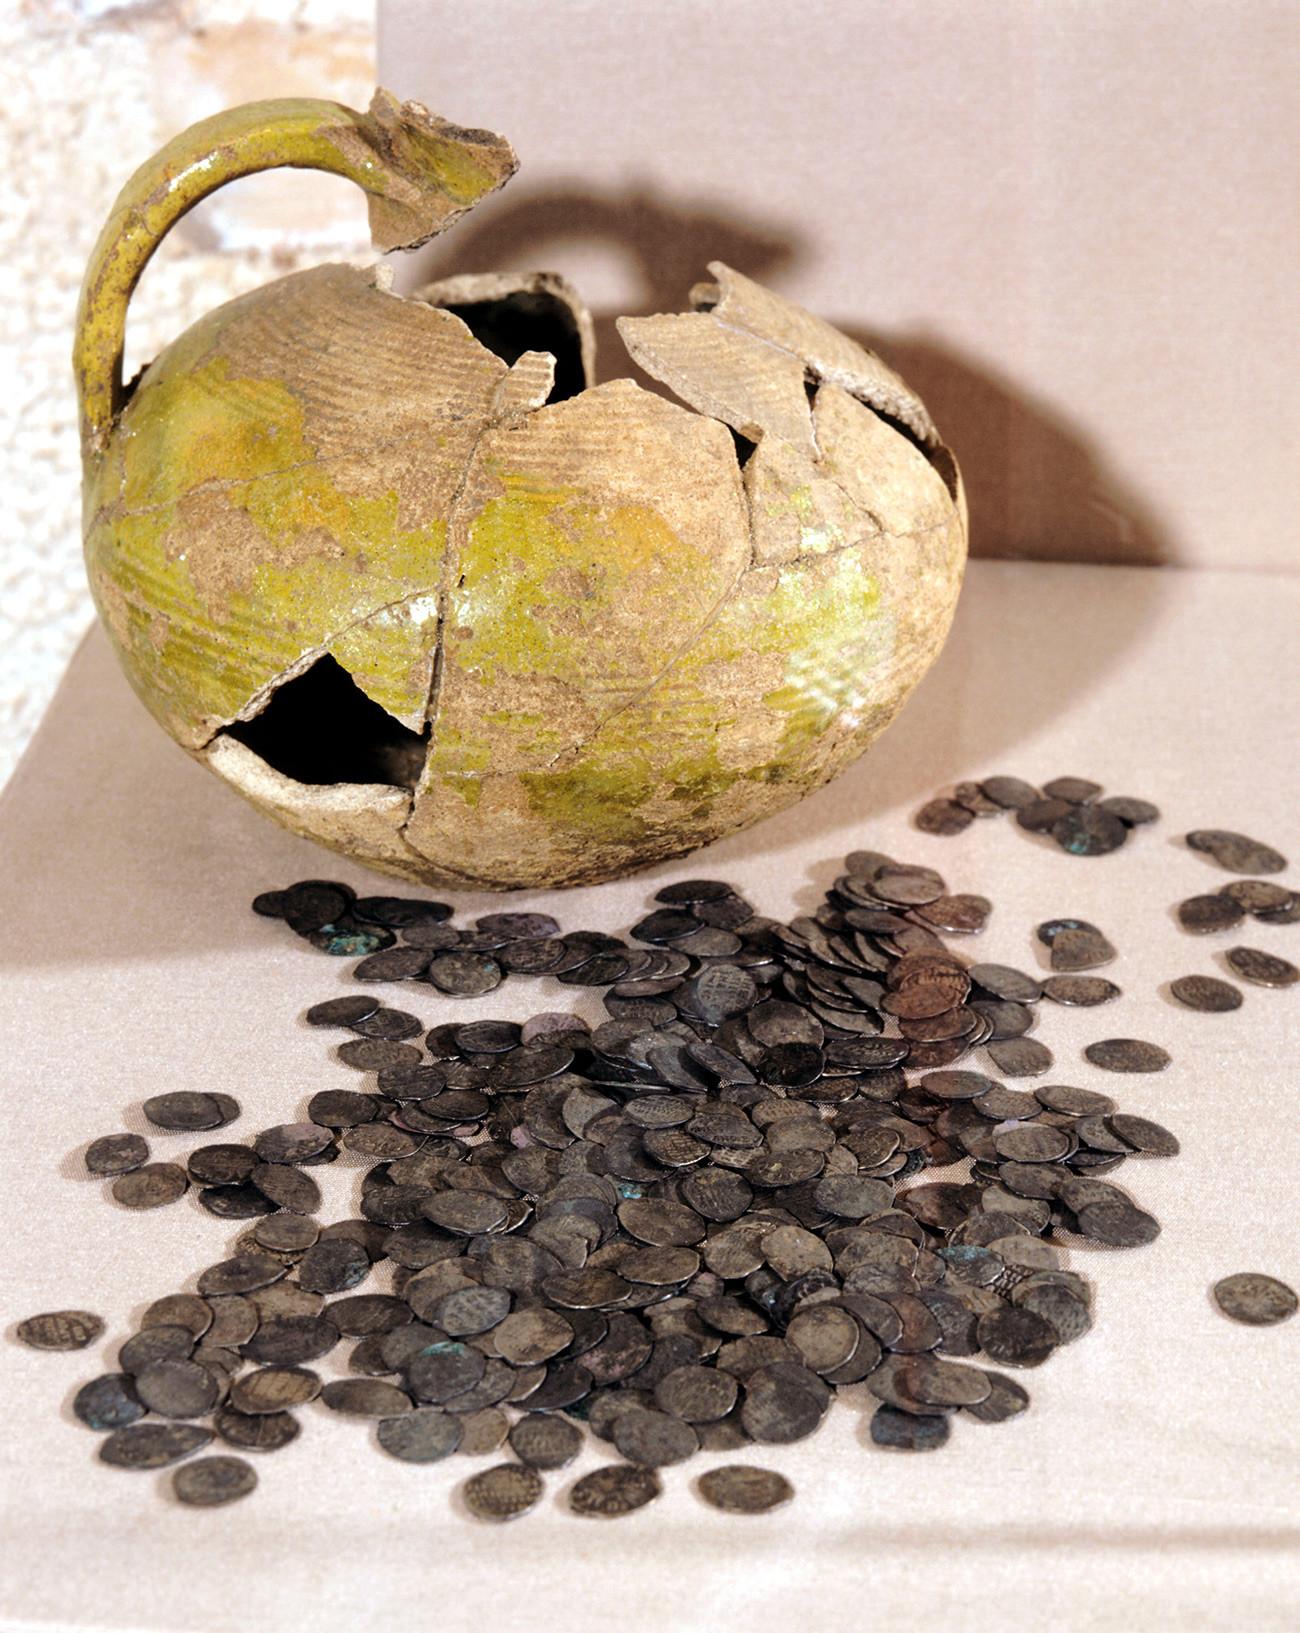 Клад 16 – начала 17 века, найденный в Москве. Так выглядели обычные «чешуйки» – ходовая монета времен Ивана Грозного